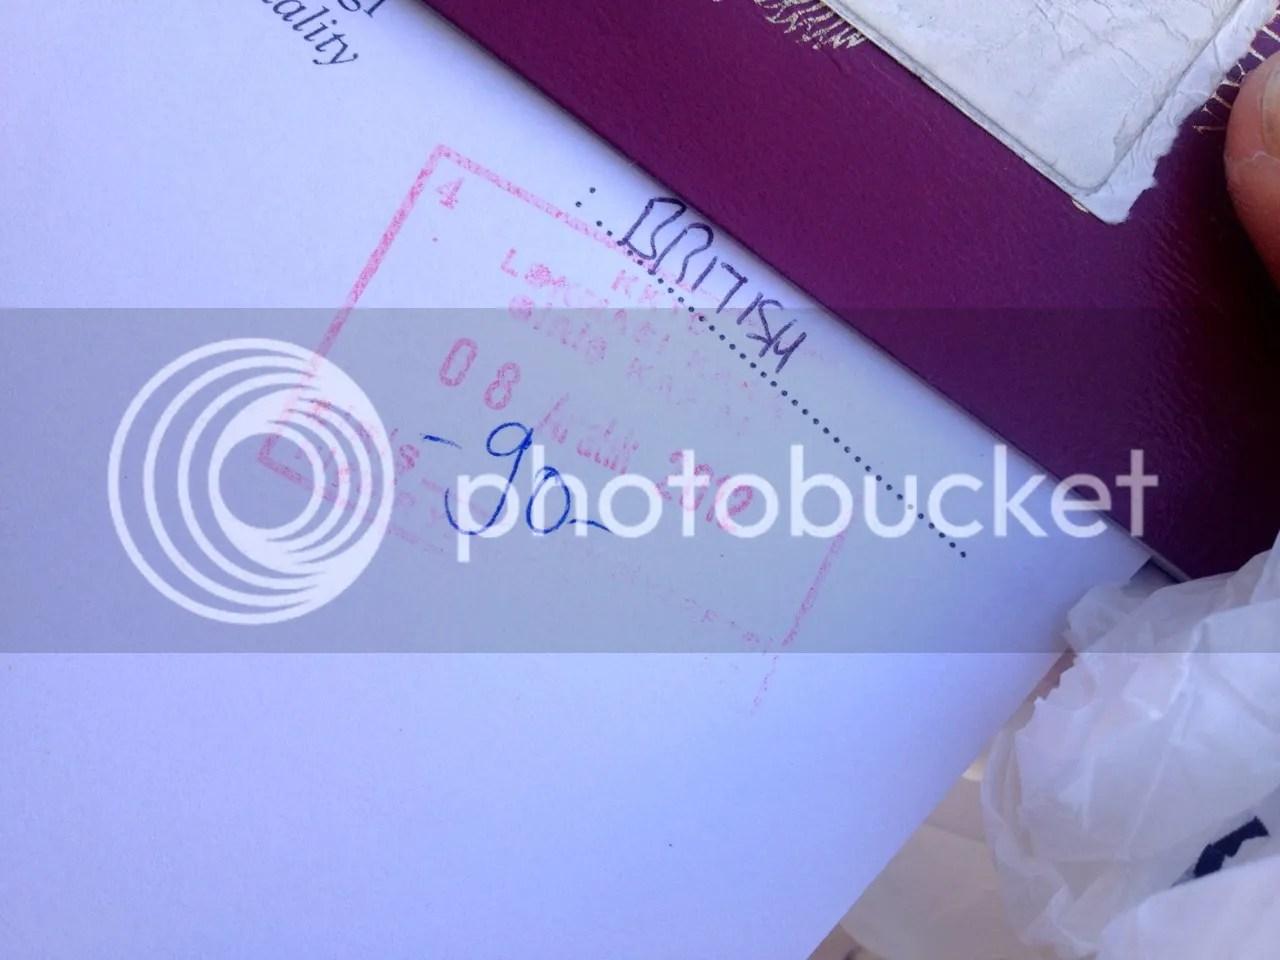 https://i0.wp.com/i181.photobucket.com/albums/x35/jwhite9185/Larnaca/file-126.jpg